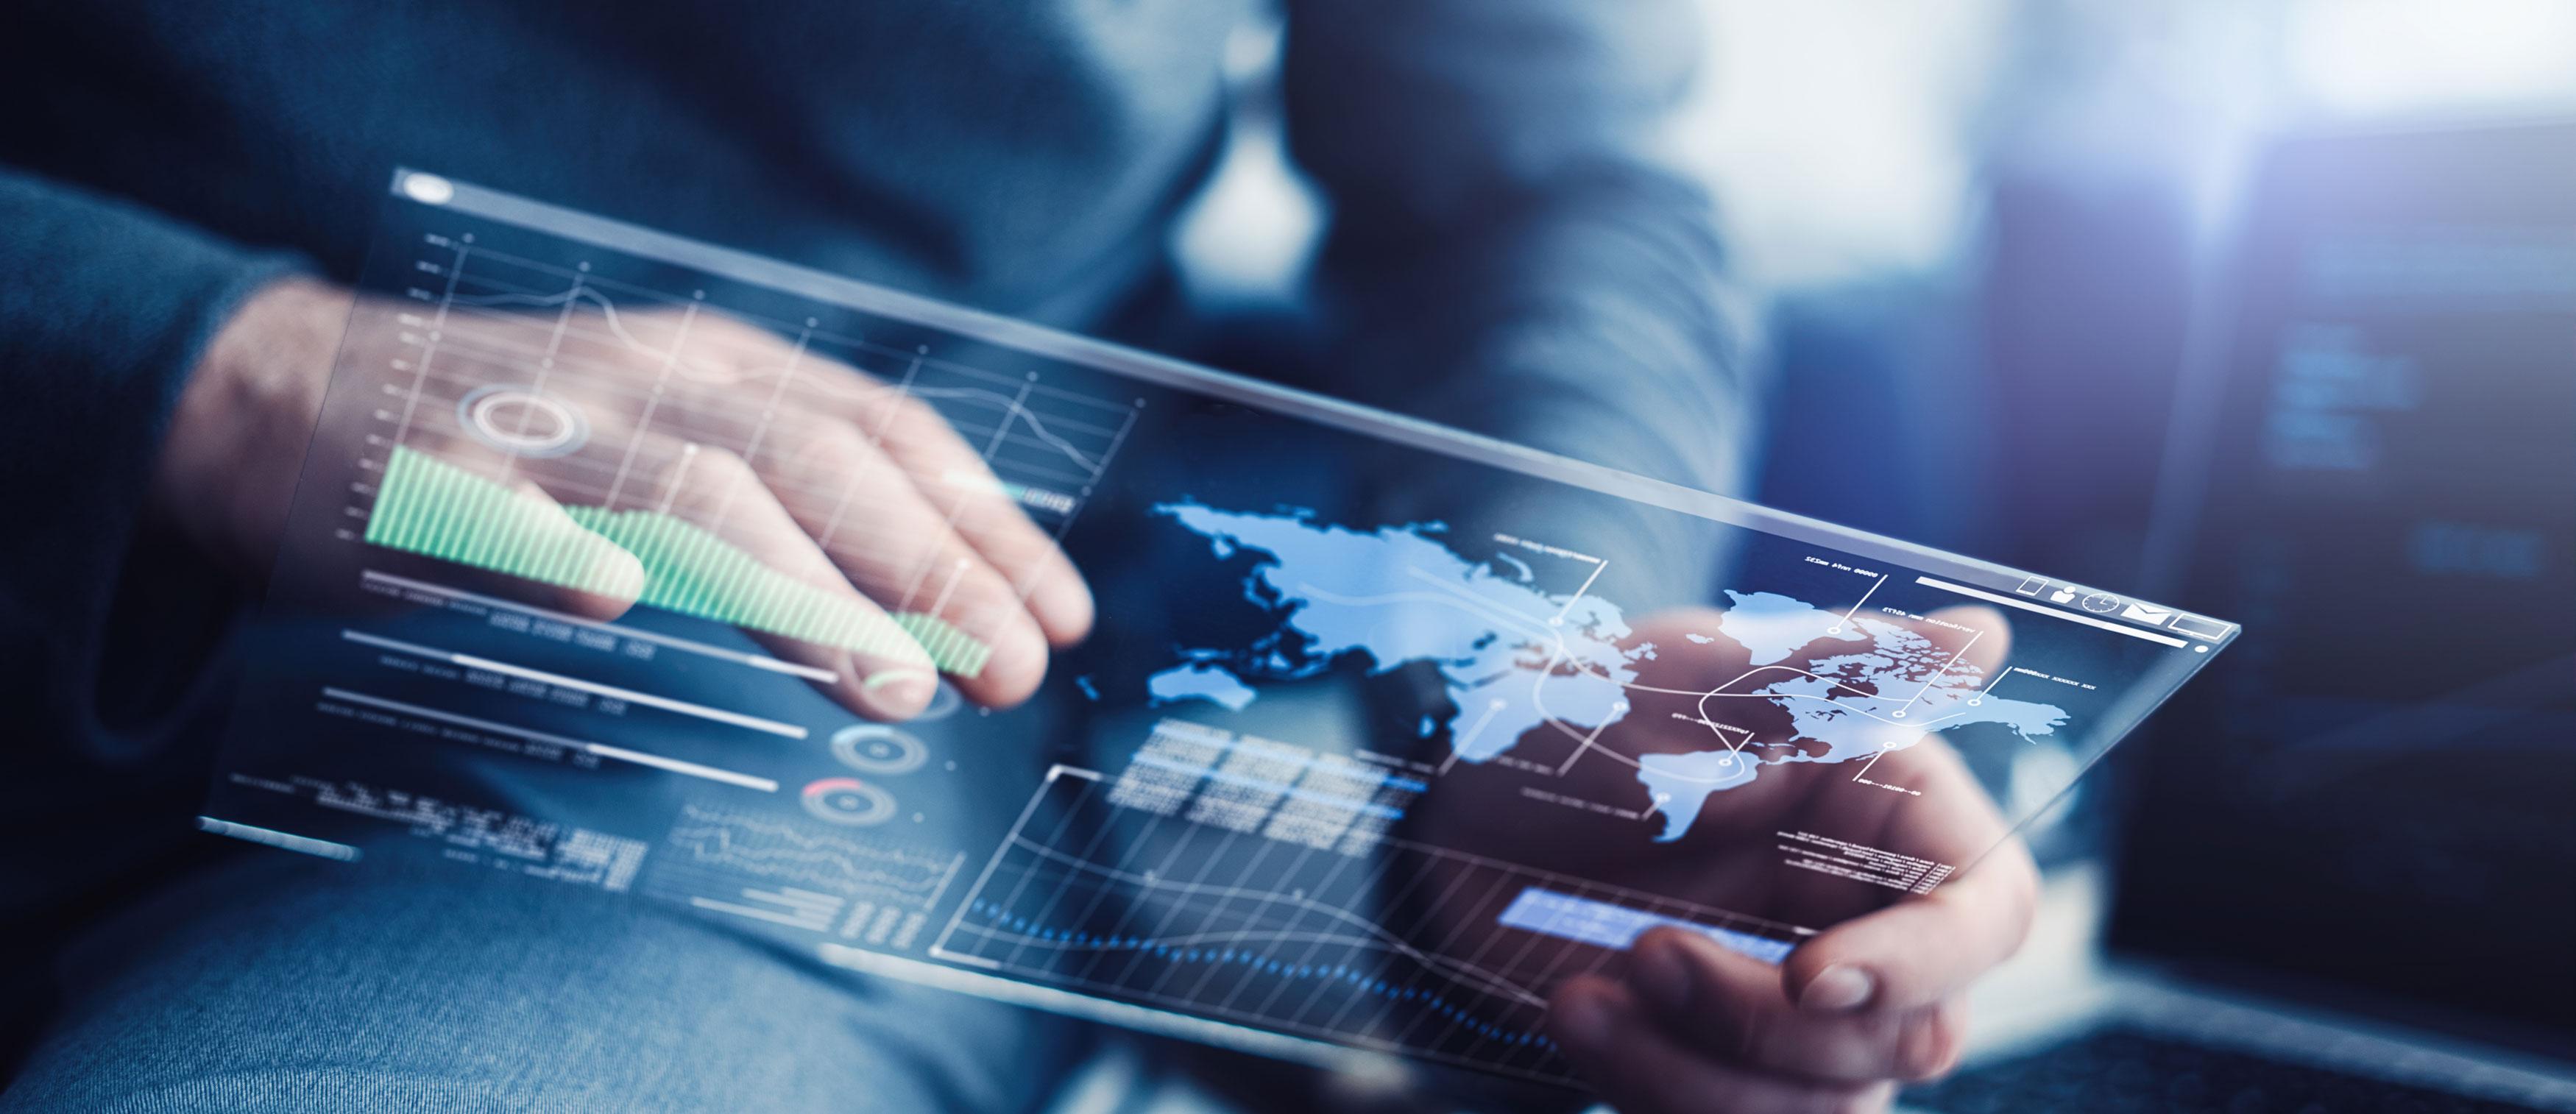 The Forrester New Wave™: Digital Decisioning Platforms, Q4 2018